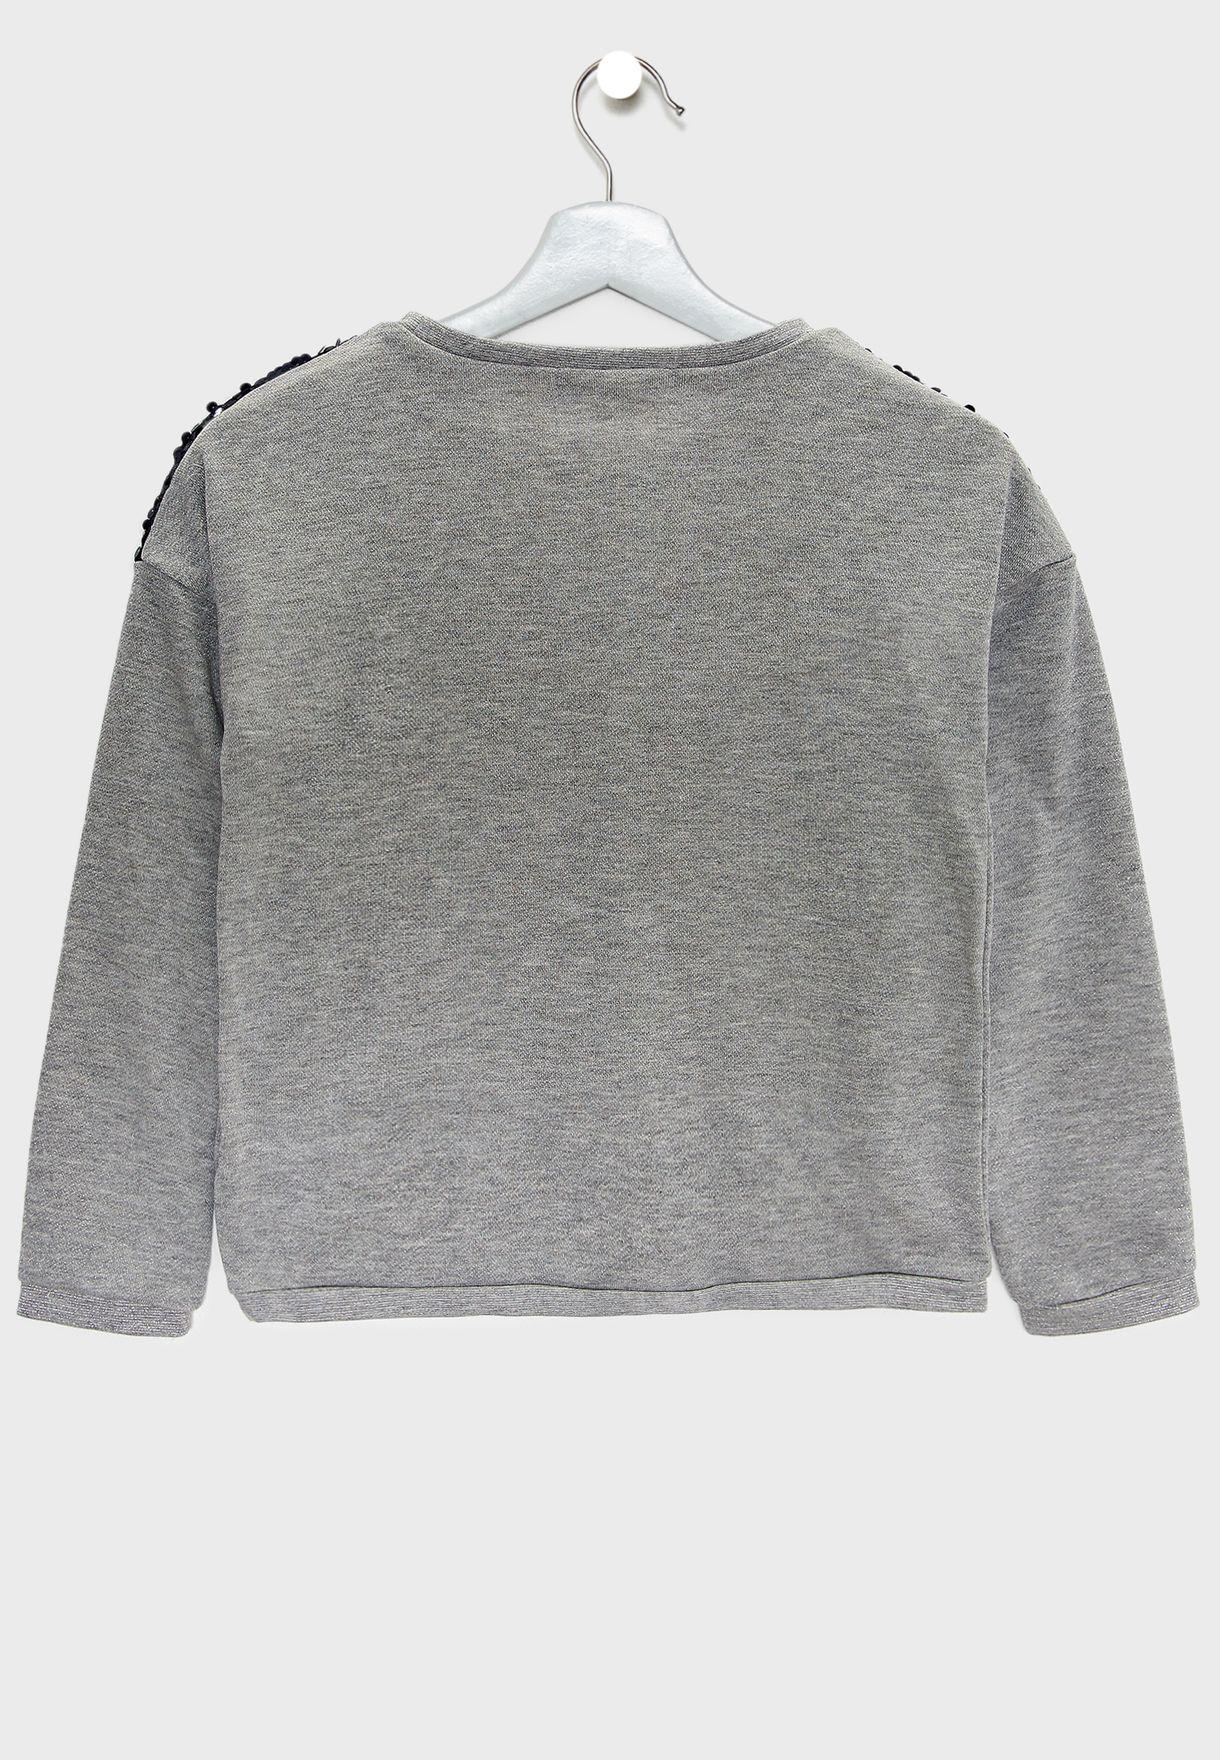 Teen Sequin Sweater